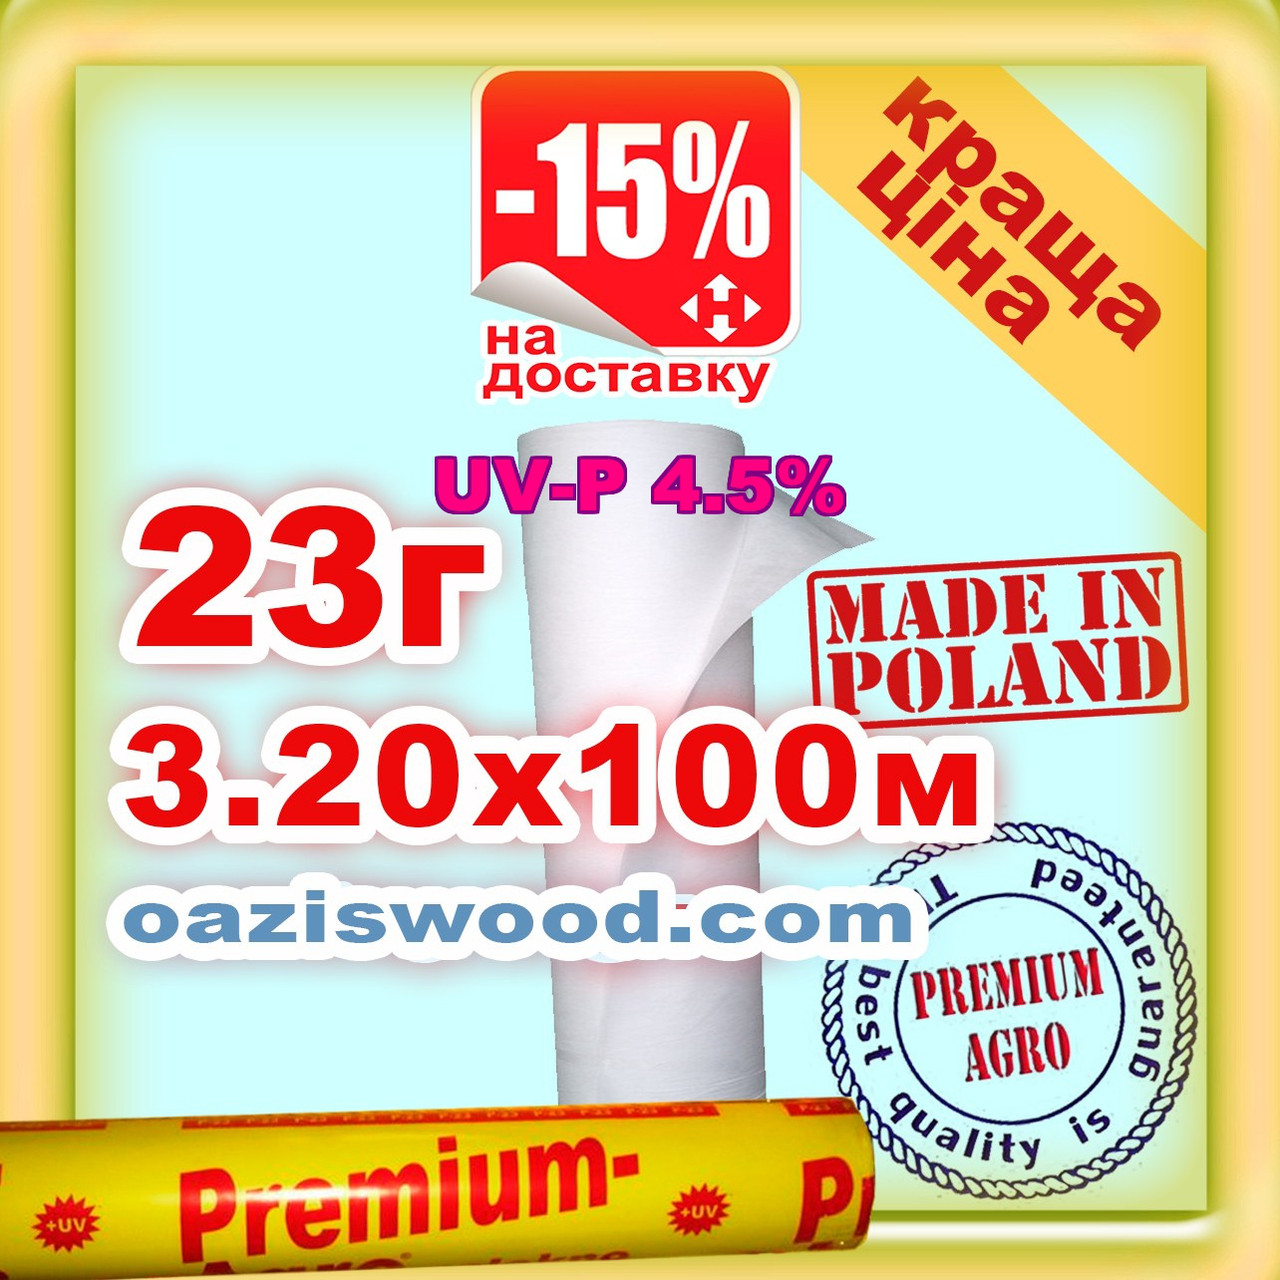 Агроволокно р-23g 3.2*100м белое UV-P 4.5% Premium-Agro Польша